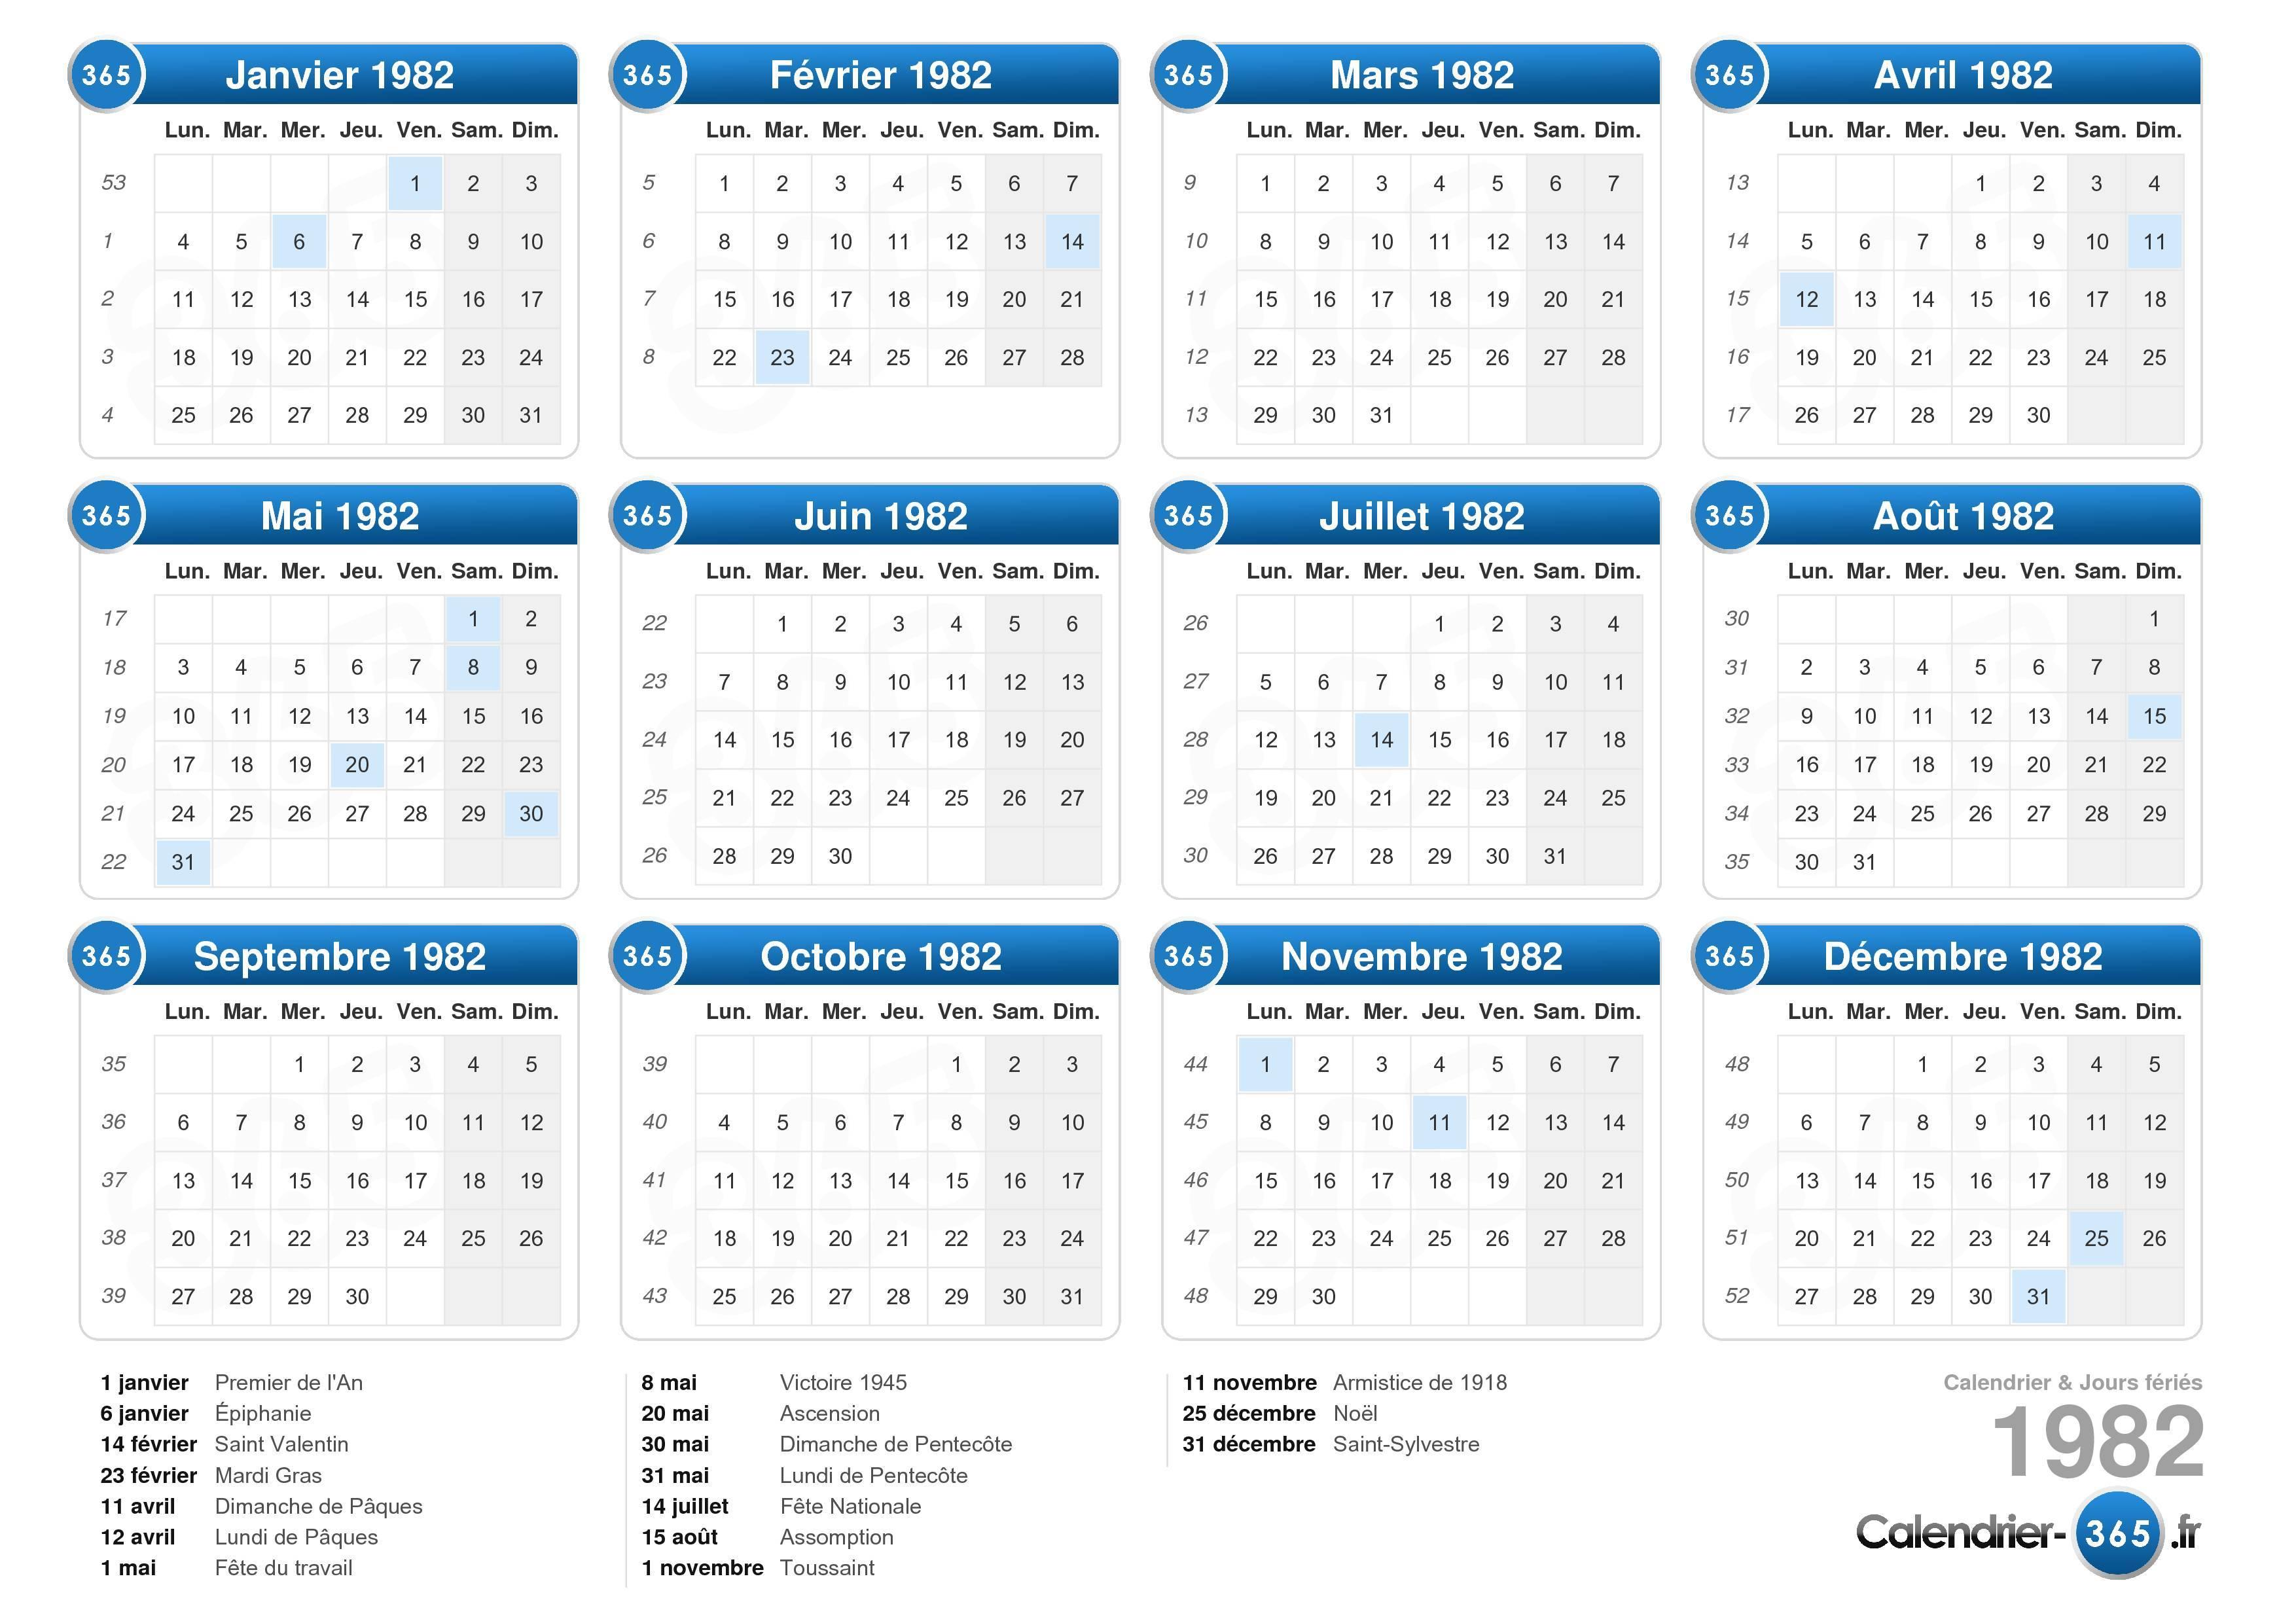 calendrier annee 1982